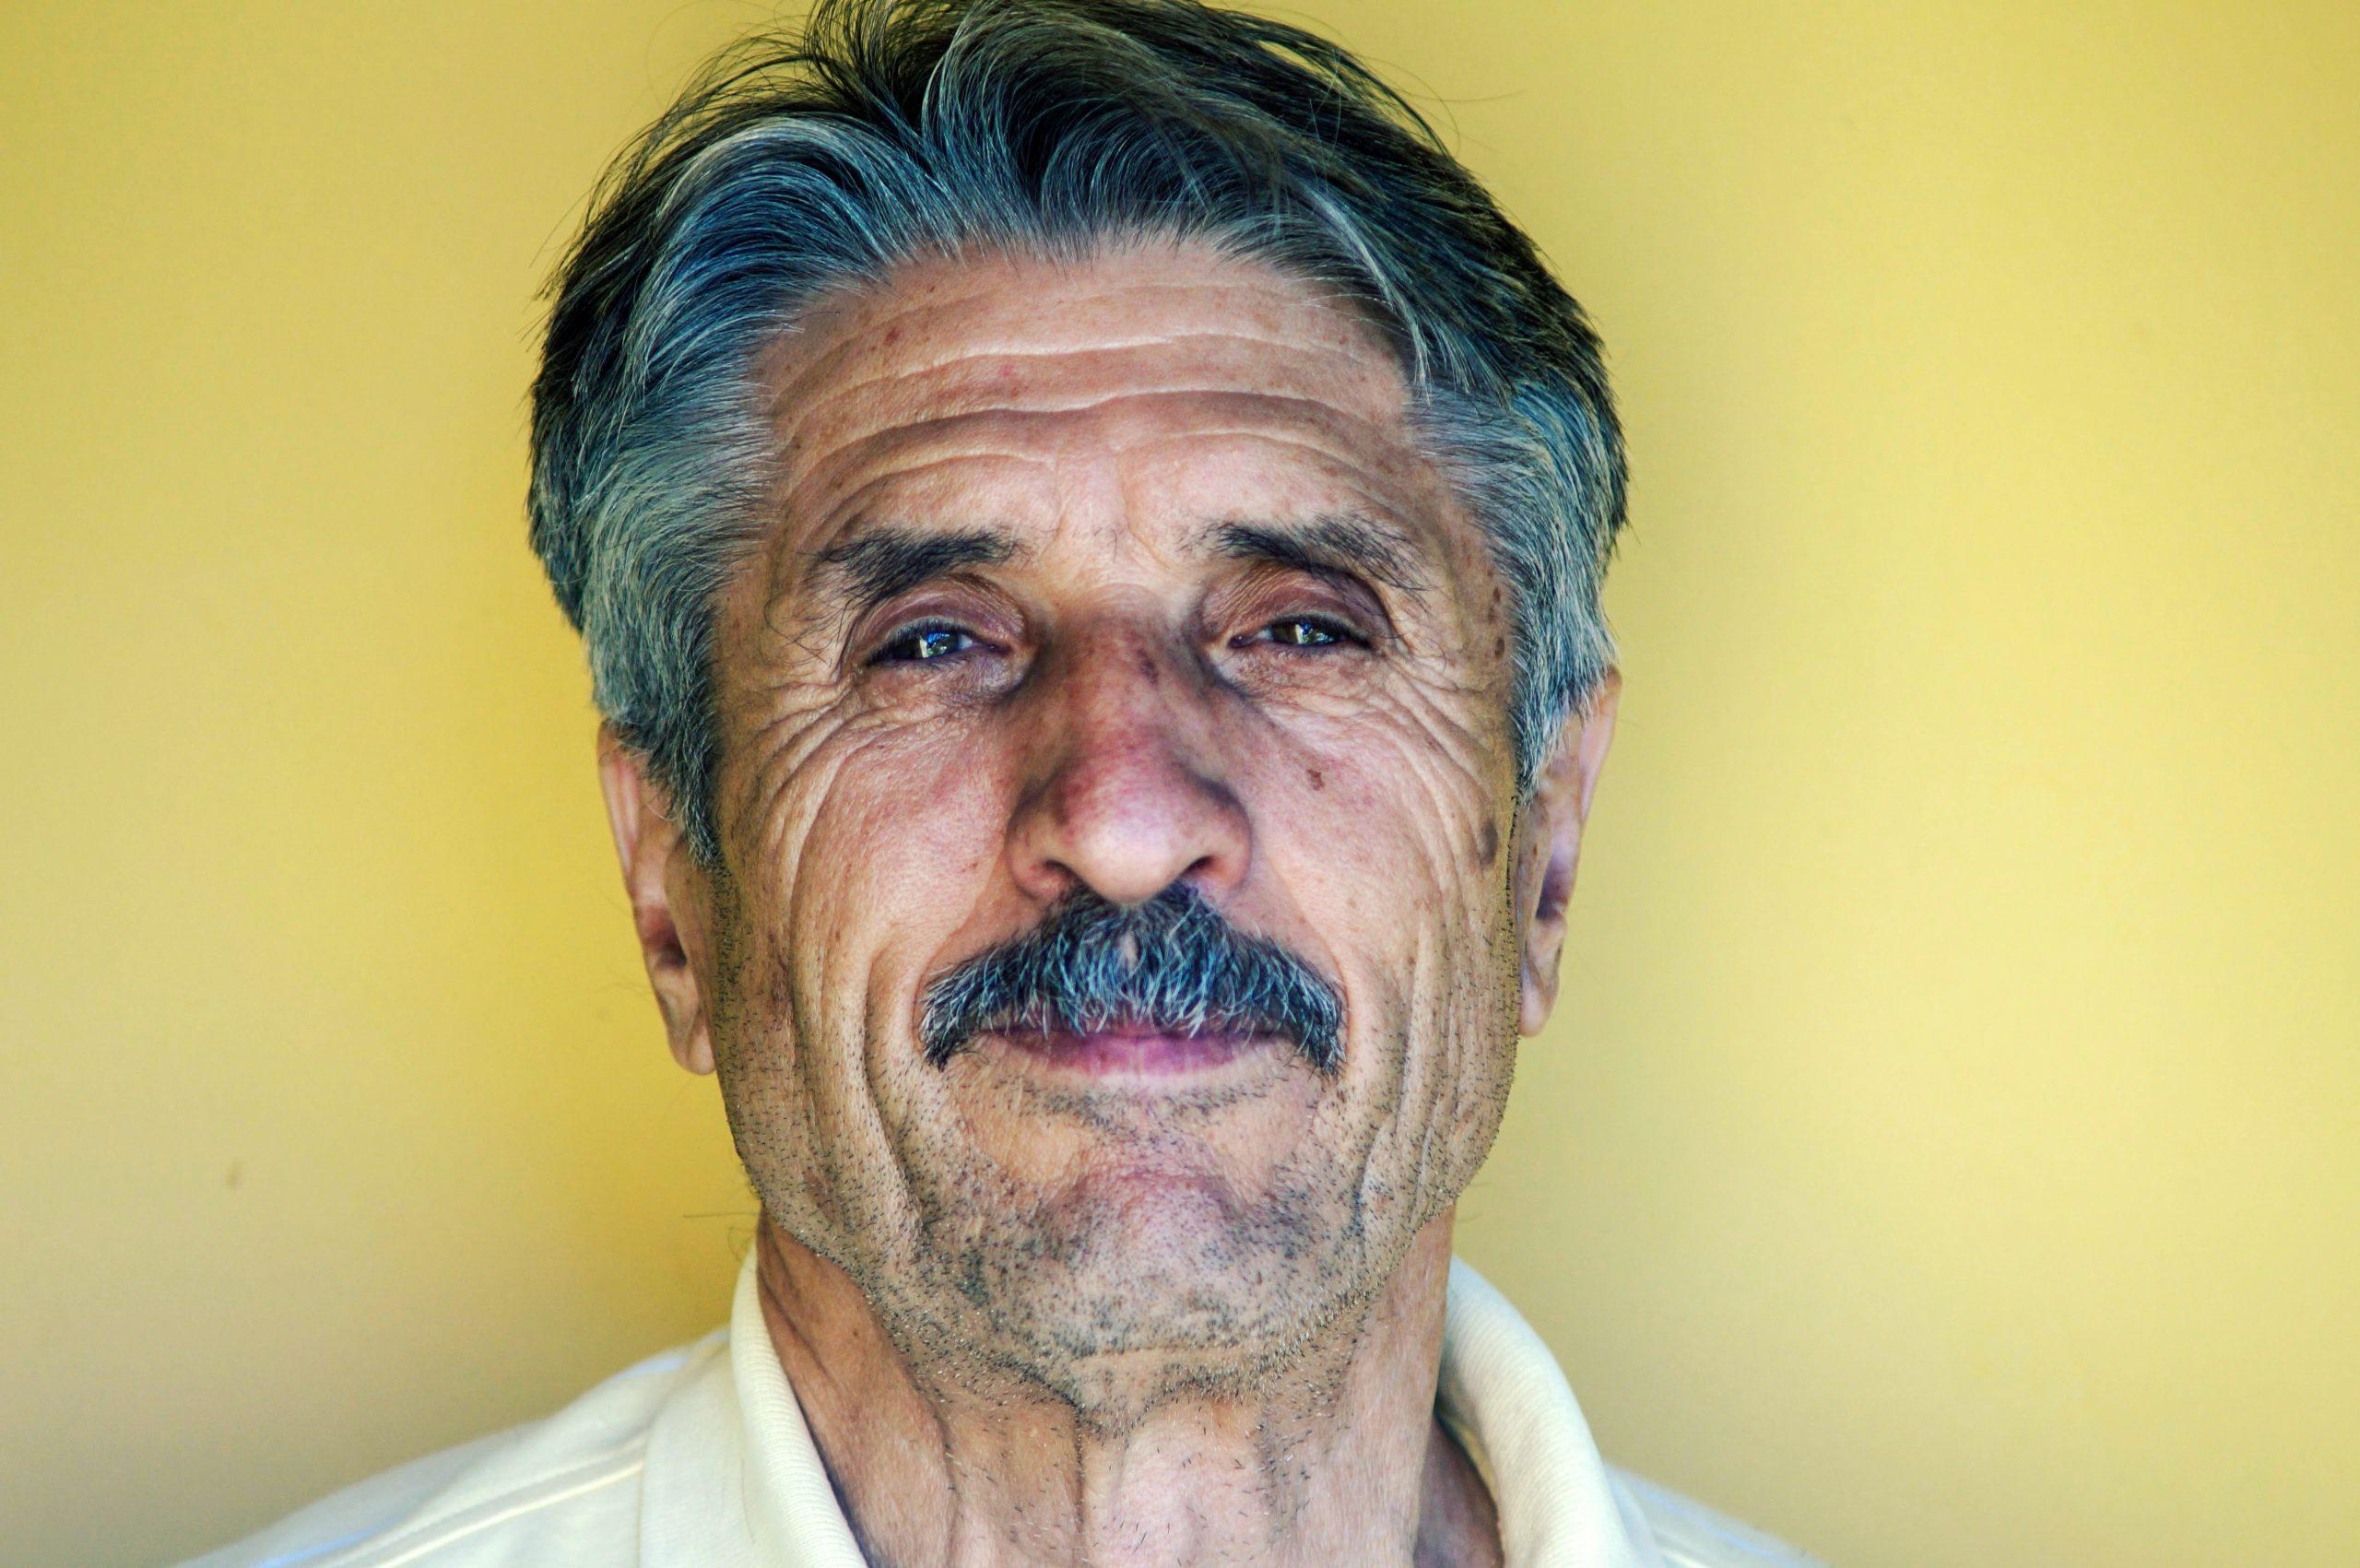 Hulp bij de aanschaf van een gehoorapparaat